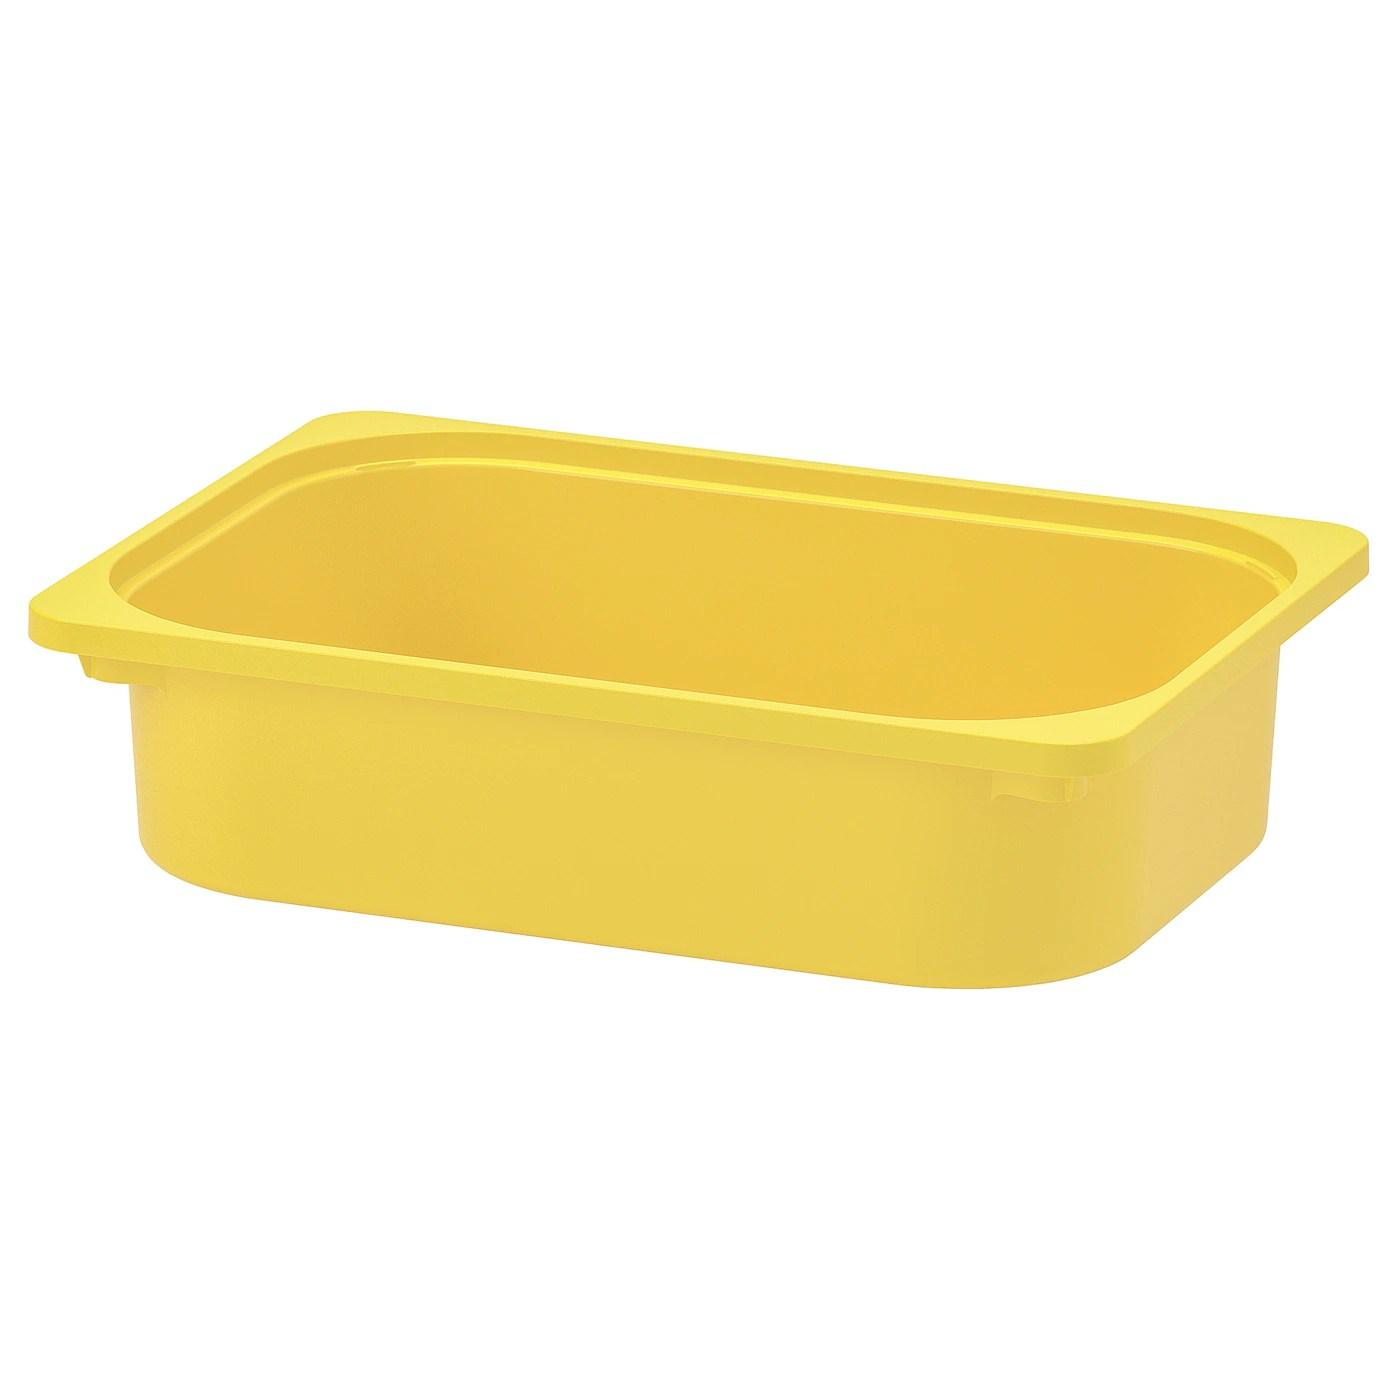 Trofast Bac Jaune 42x30x10 Cm Ikea